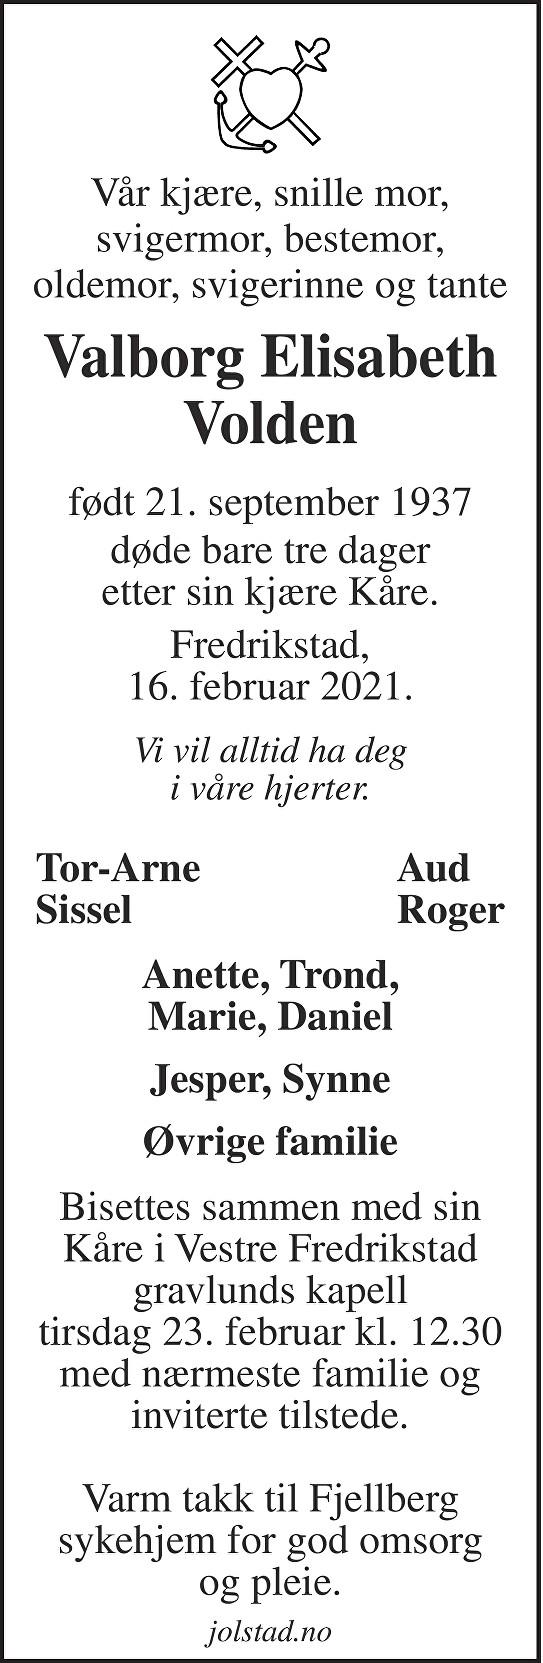 Valborg Elisabeth Volden Dødsannonse